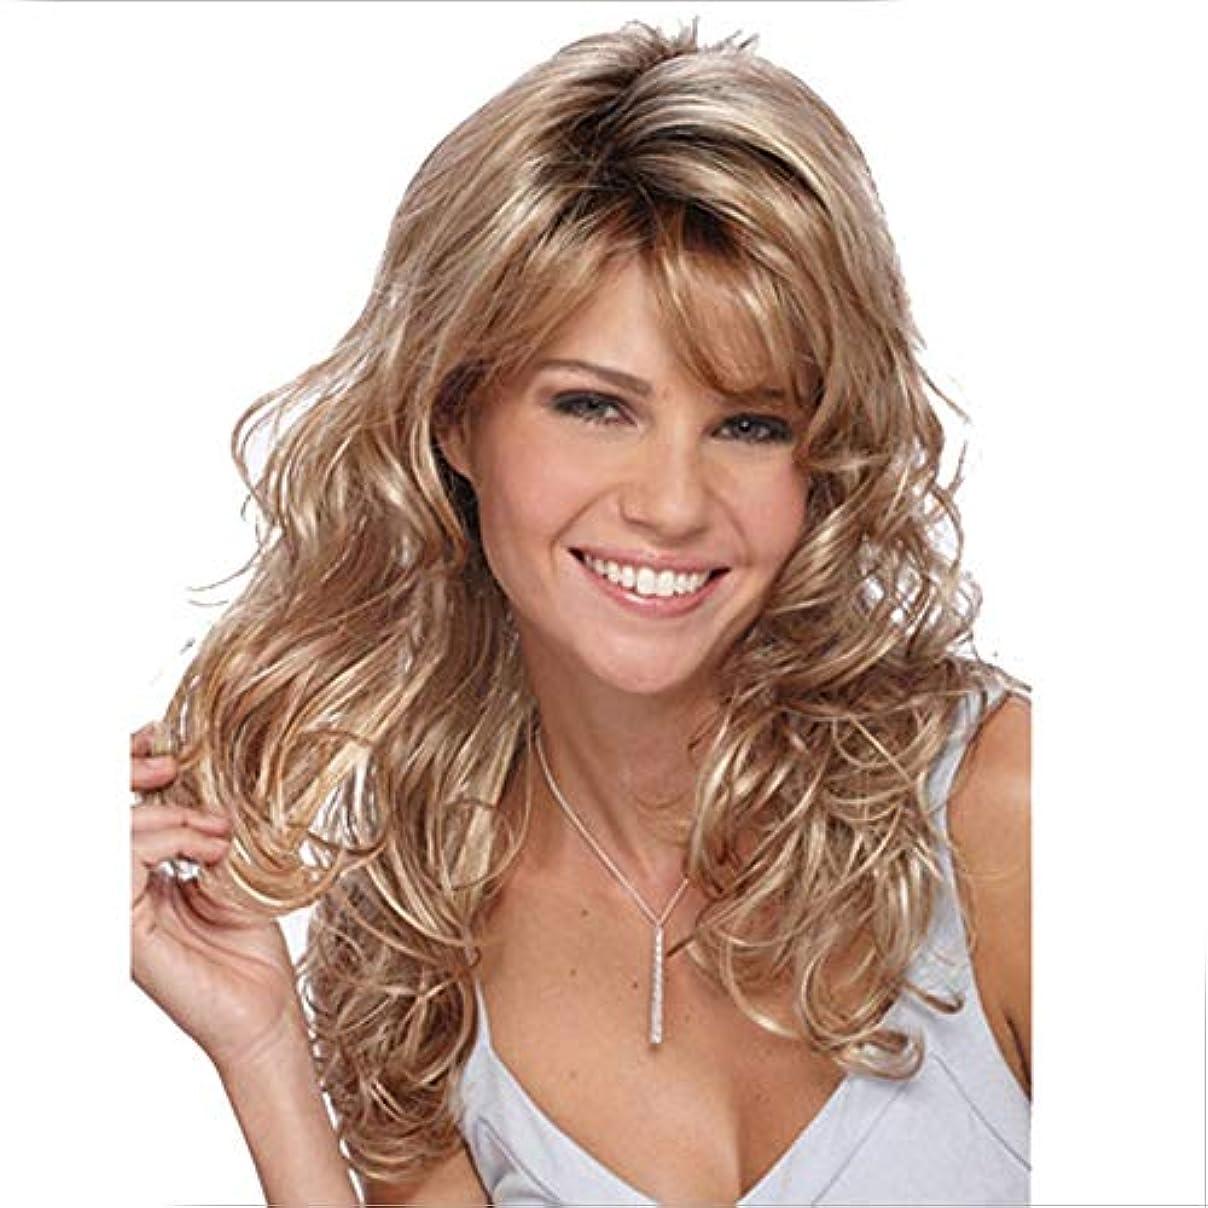 二層外交解明するWASAIO 長い巻き毛のブロンドのかつら自然な波長い巻き毛のかつら (色 : Blonde)